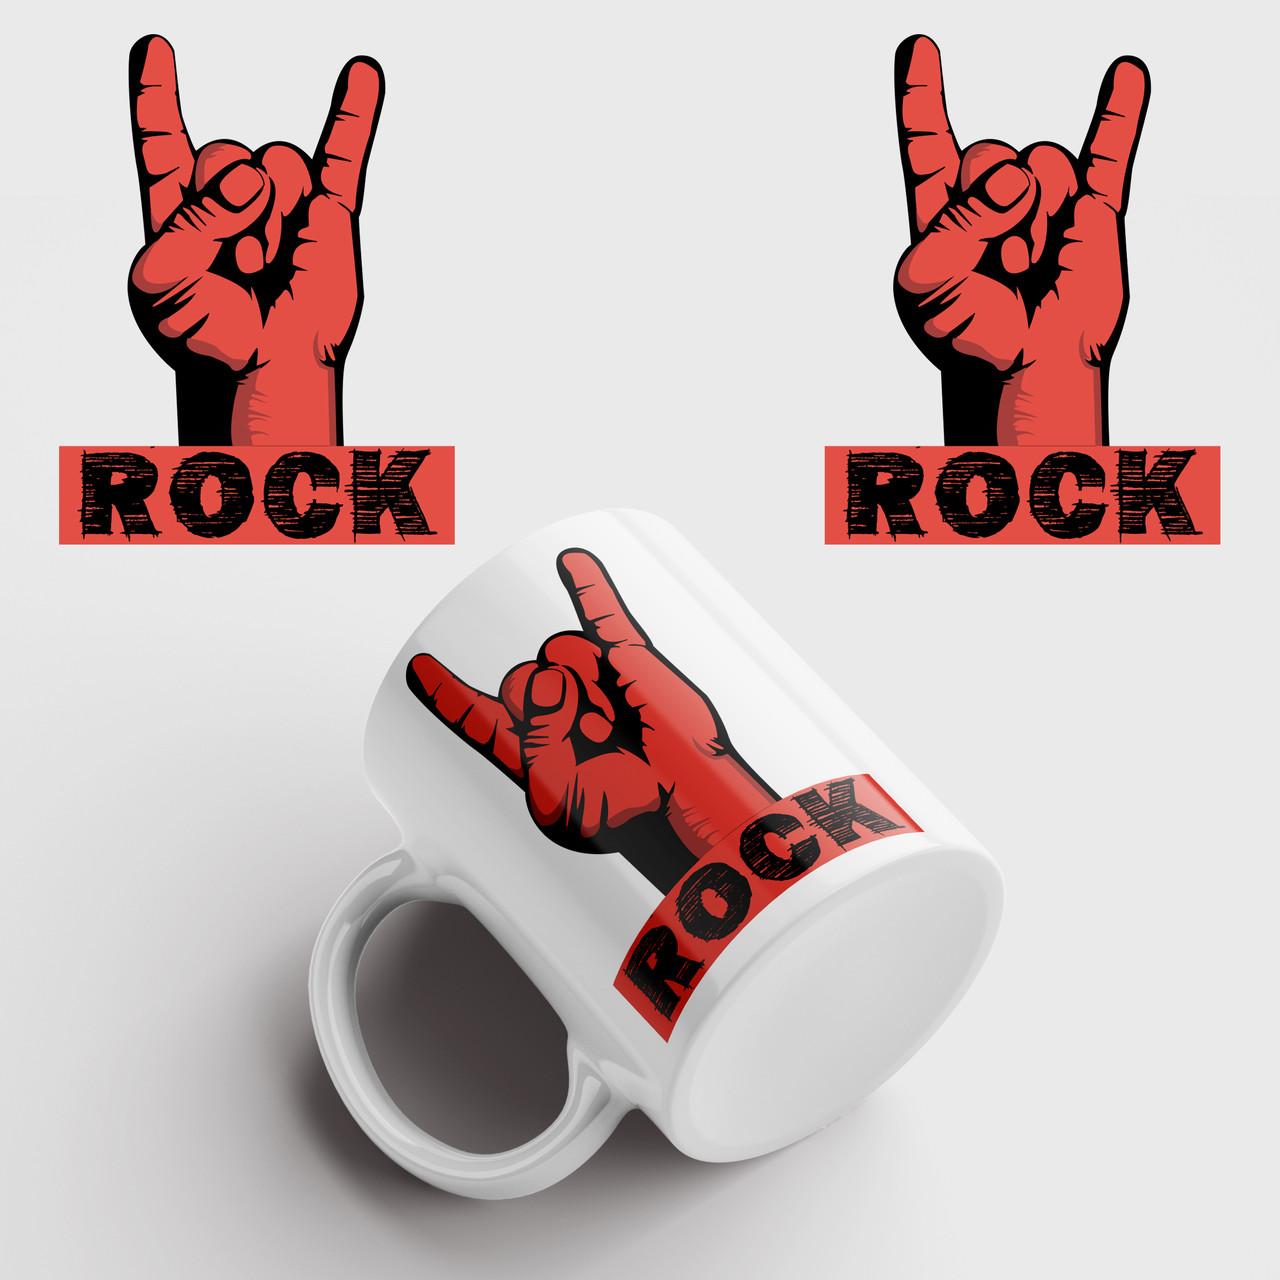 Кружка с принтом Rock. Рок. Чашка с фото